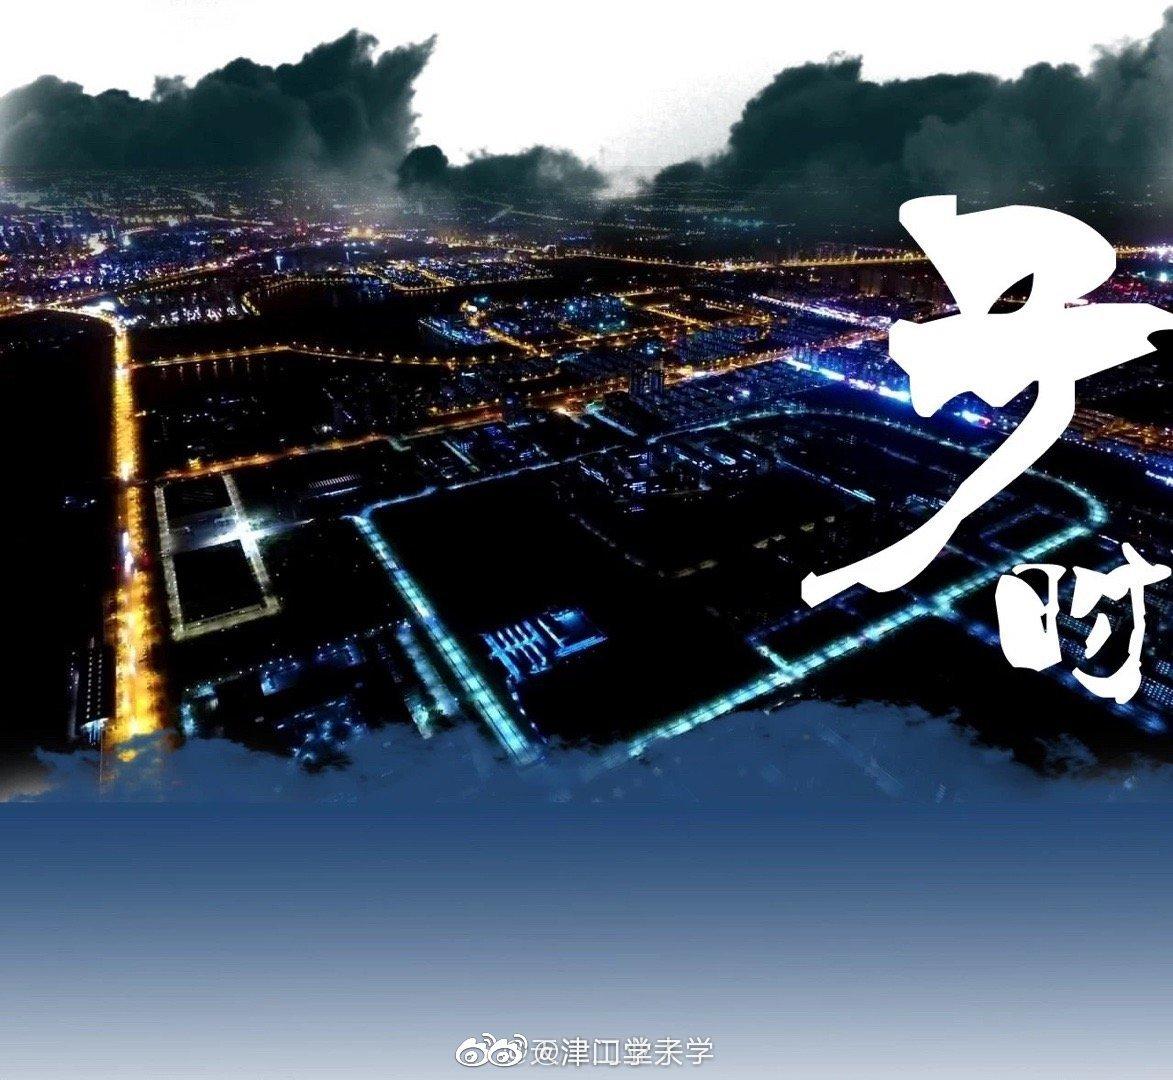 天津工业大学的十二时辰图棒棒哒(.天津工业大学)